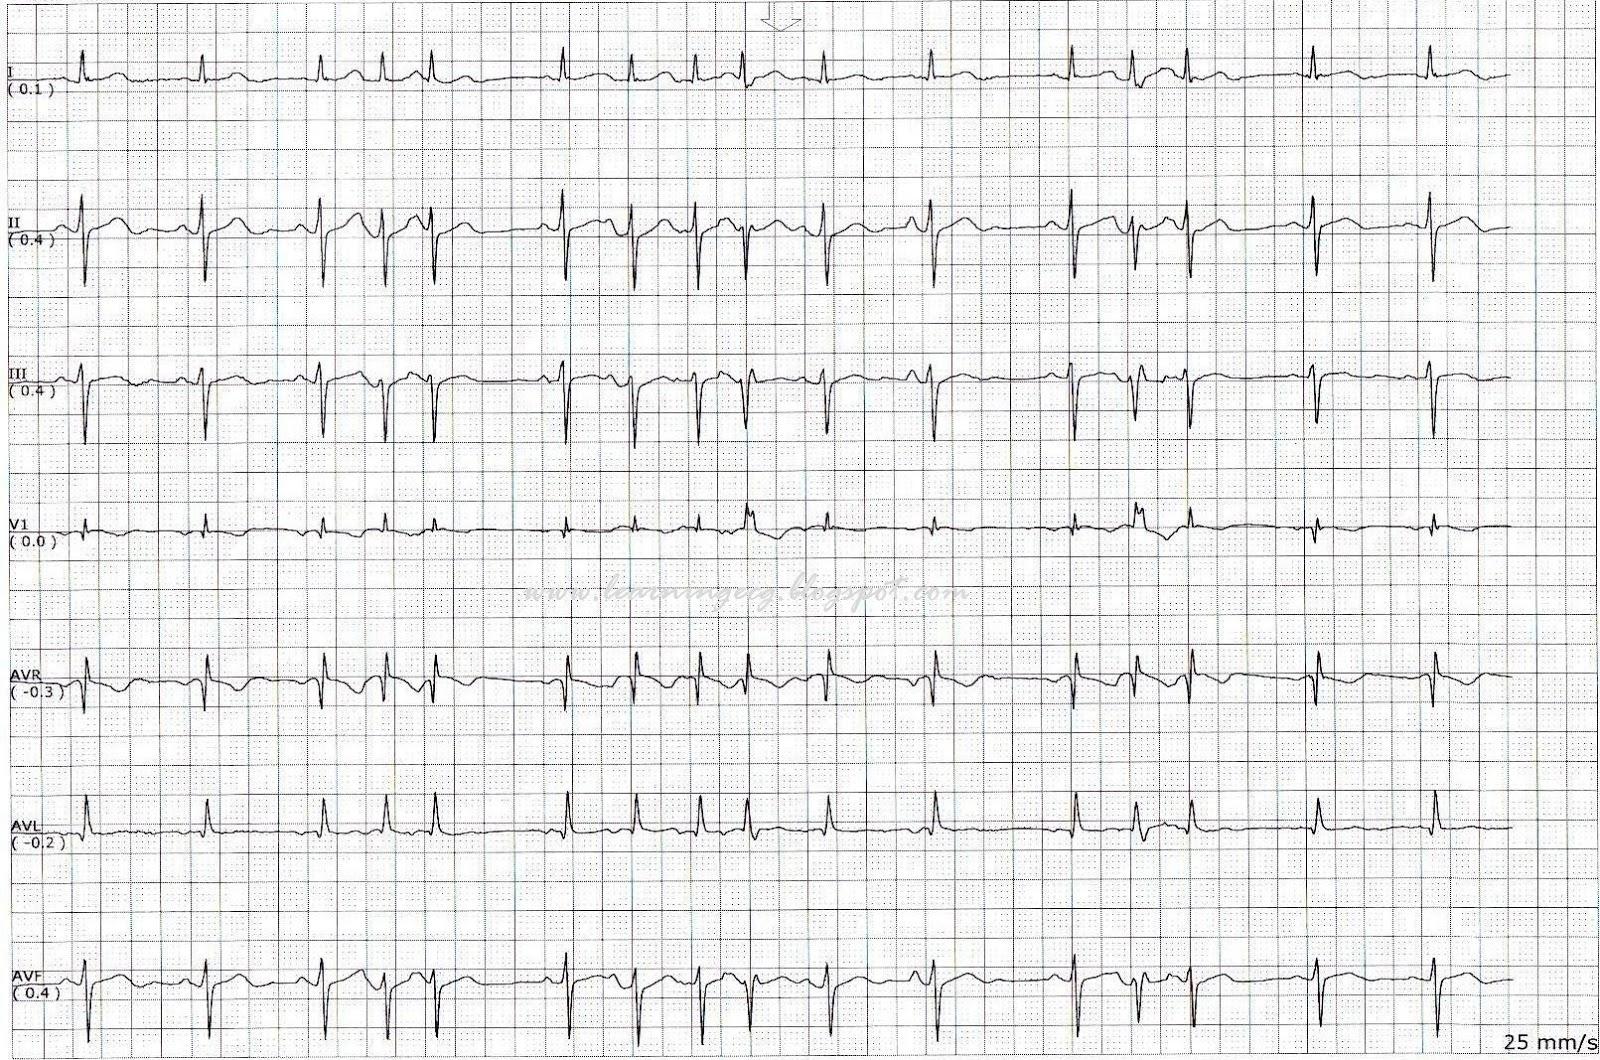 ECG Rhythms: Multifocal Atrial Rhythm